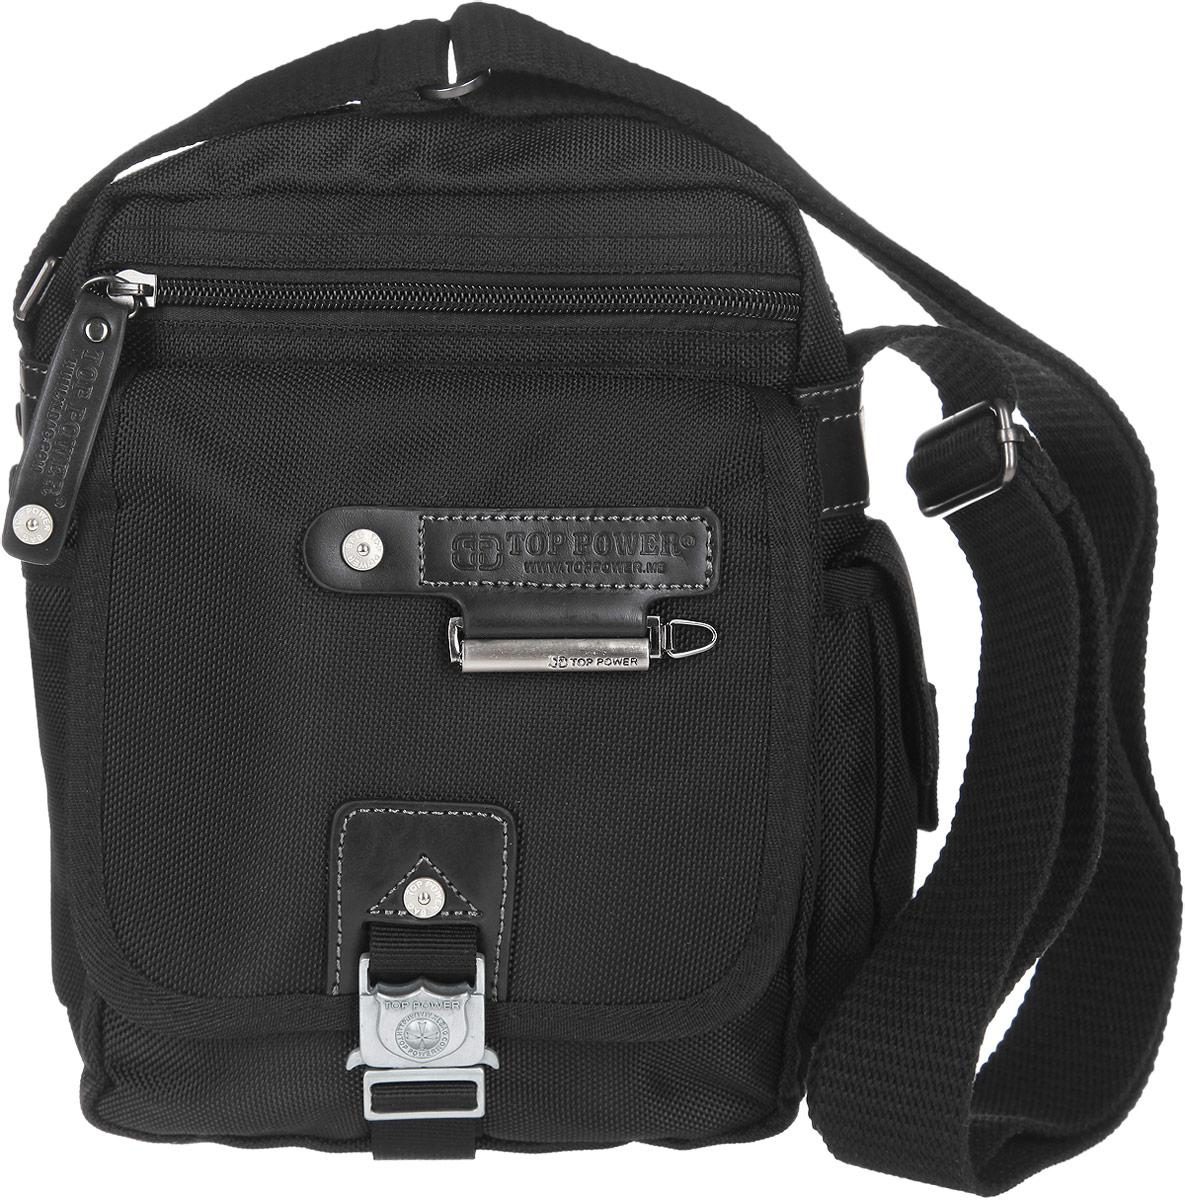 Сумка-планшет мужская Top Power, цвет: черный. 1385 TP3-47670-00504Стильная мужская сумка-планшет Top Power выполнена из нейлона, полиэстера и искусственной кожи. Изделие имеет одно основное отделение, которое закрывается на застежку-молнию. Внутри находятся прорезной карман на застежке-молнии, два накладных открытых кармана и накладной карман, закрывающийся на клапан с застежкой-липучкой. Снаружи, на передней стенке располагается прорезной карман на застежке-молнии, под клапаном с застежкой-защелкой - два накладных открытых кармана и два держателя для авторучек. По бокам накладные карманы, один из которых закрывается на застежку-липучку, второй - на клапан с застежкой-липучкой. На задней стенке предусмотрен дополнительный прорезной карман на застежке-молнии. Сумка оснащена текстильным плечевым ремнем регулируемой длины. Удобная и стильная сумка Top Power призвана подчеркнуть ваш неповторимый стиль.